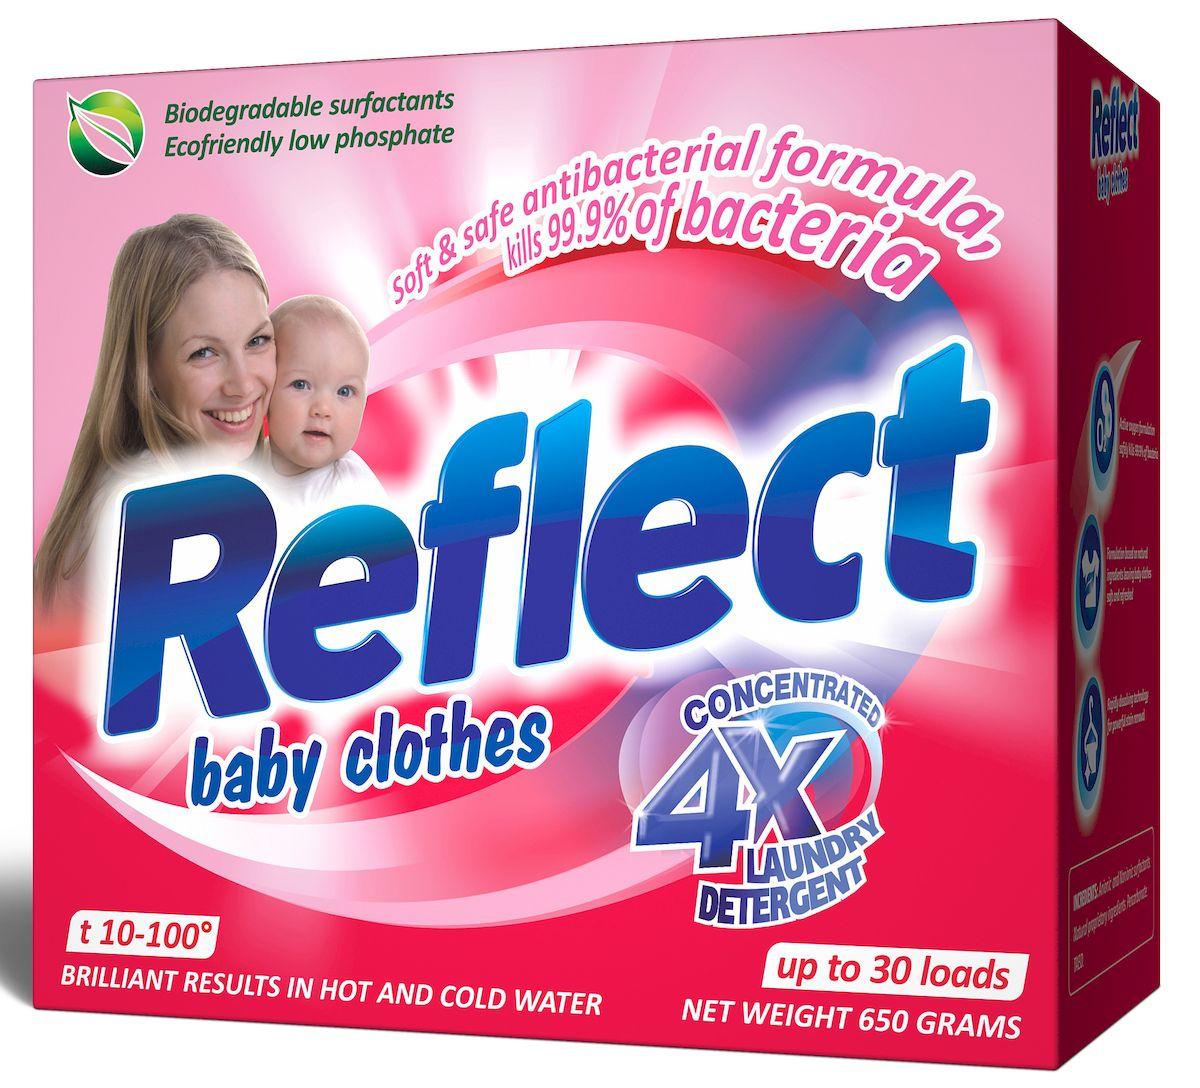 Стиральный порошок Reflect Baby Clothes, концентрированный, 650 г106-026Reflect Baby Clothes - это концентрированный стиральный порошок для детского белья с первых дней жизни ребенка от 0 месяцев. На основе натурального мыла легко справляется со специфическими загрязнениями от жизнедеятельности ребенка.Стиральный порошок Reflect Baby Clothes:- отлично удаляет пятна (молоко, детское питание, каши, пюре, сок и т.д.); - гипоаллергенный, для людей с чувствительной кожей;- для всех типов ткани, включая шерсть; - от 10 до 100°С для белого и цветного белья, обновляет цвет, сохраняет структуру ткани; - экопродукт, полностью выполаскивается.